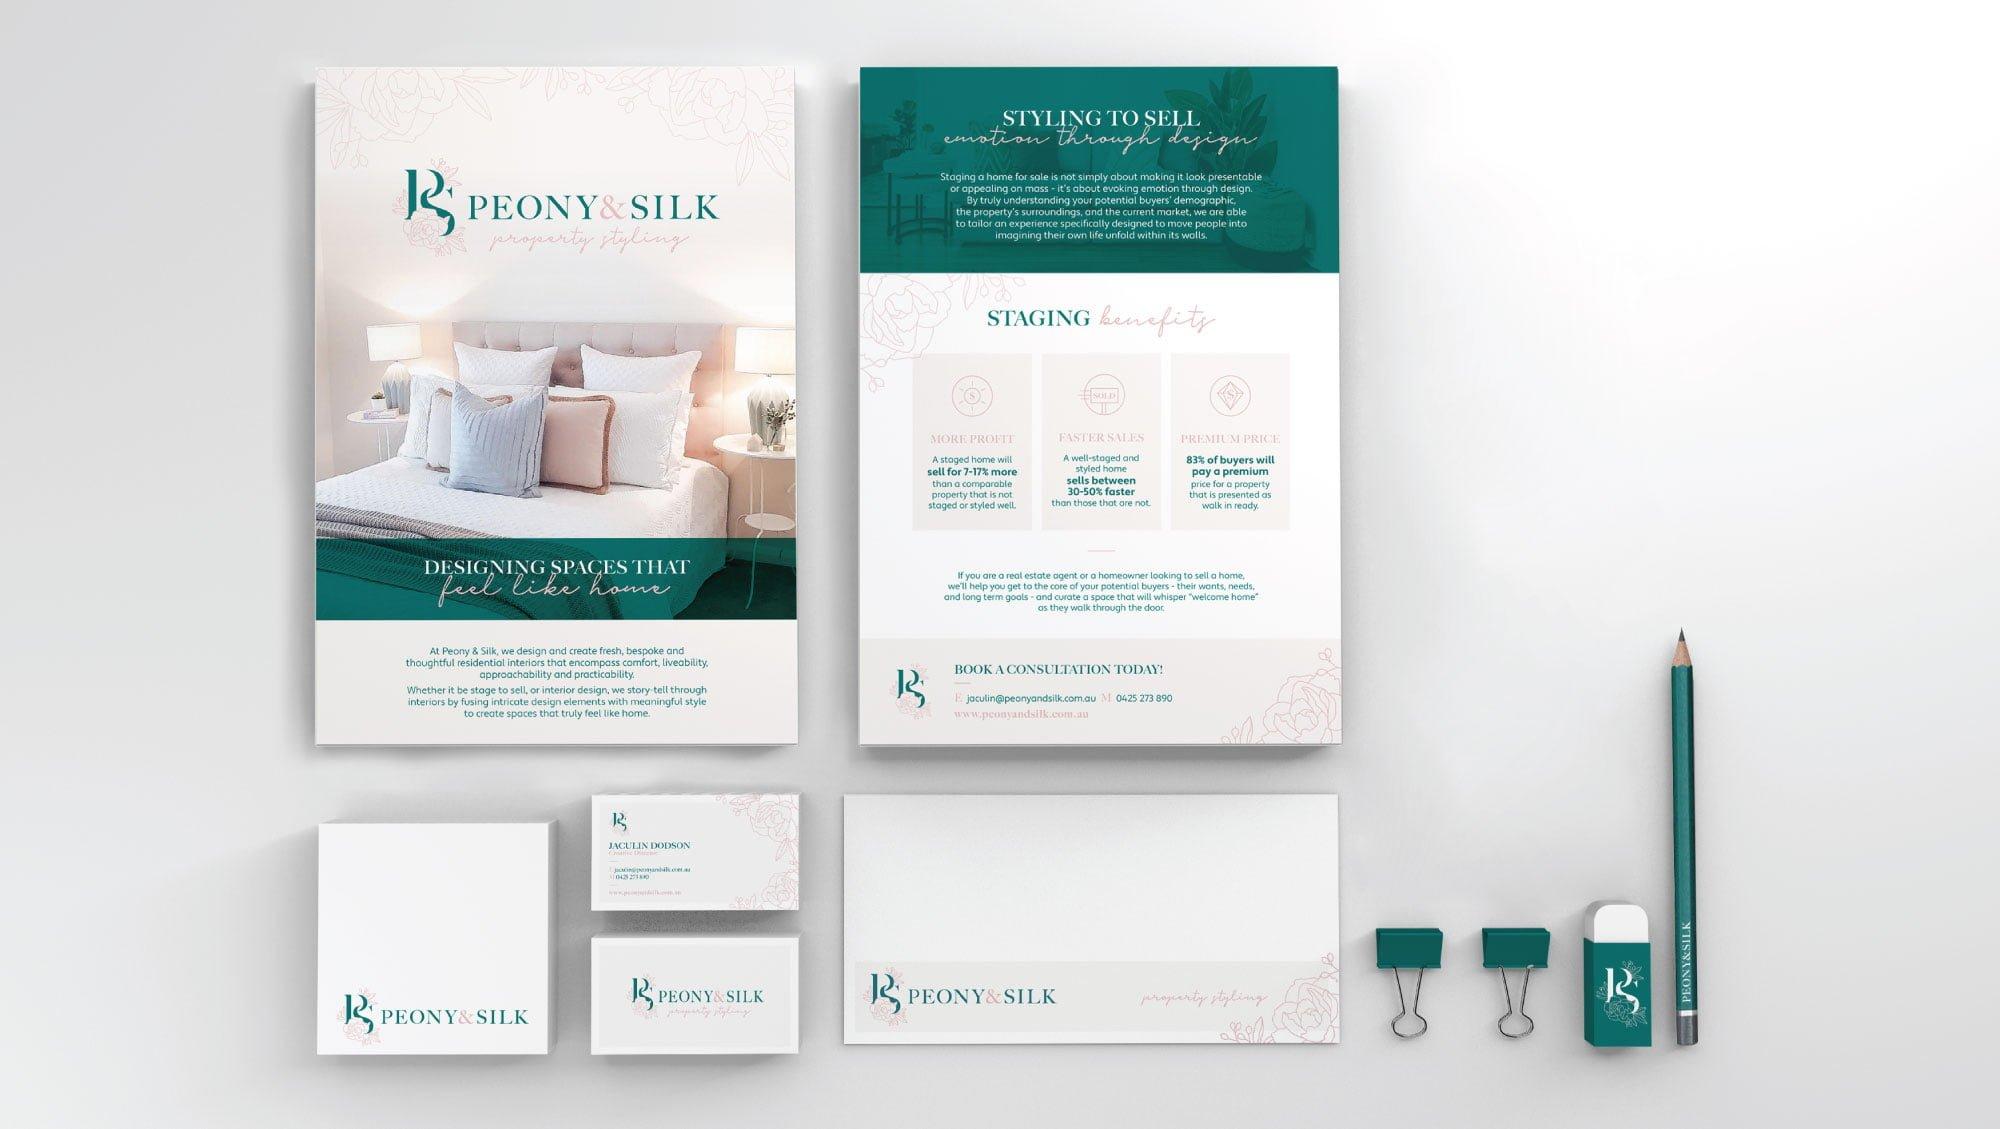 Peony & Silk - Branding Material